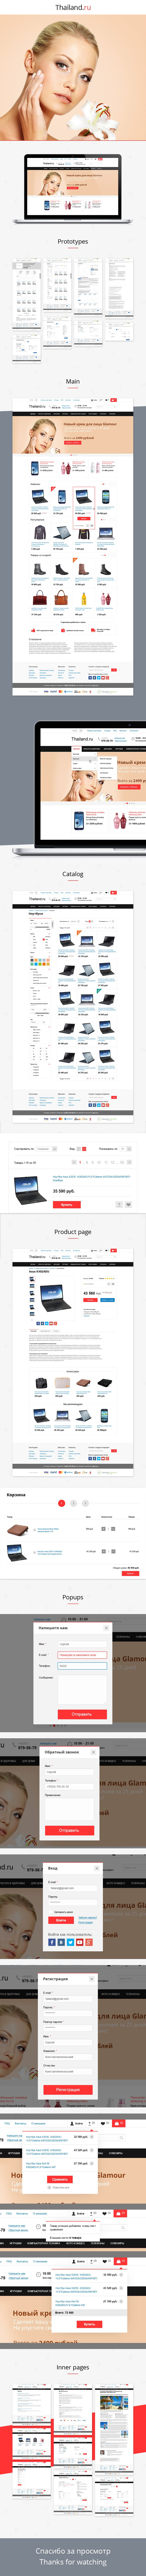 Задача: Разработать чистый дизайн магазина по продаже товаров из тайланда. Ясно передать основную идею сайта и преимущества того, что предлагается. Сконцентрировать внимание на ключевых аспектах сайта.  Full size Main page https://redpen.io/cjup8r   Full size Catalog page https://redpen.io/qev9rx   Full size Product page https://redpen.io/atb589